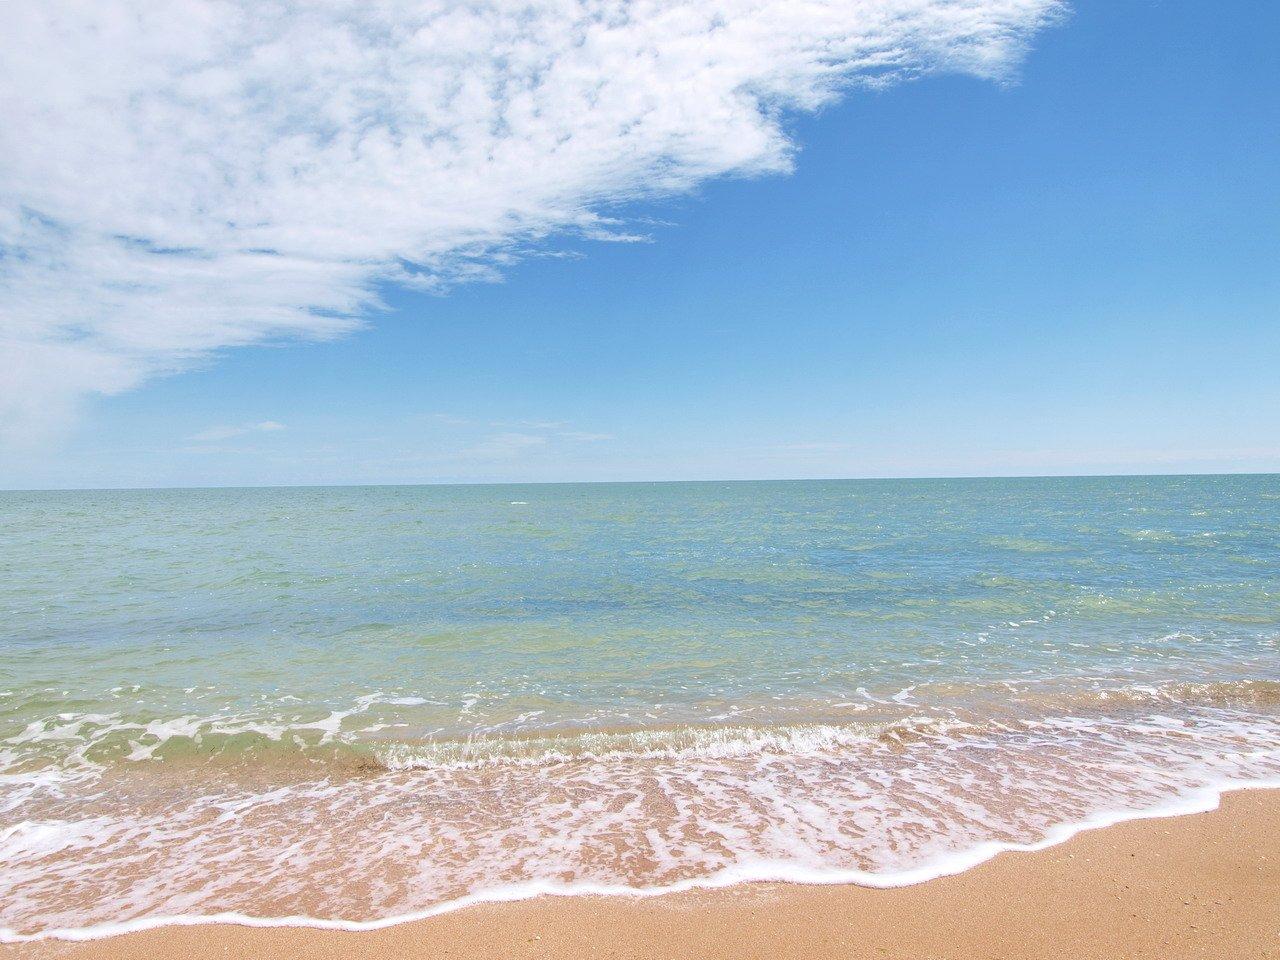 Картинки по запросу арабатская стрілка пляж фото